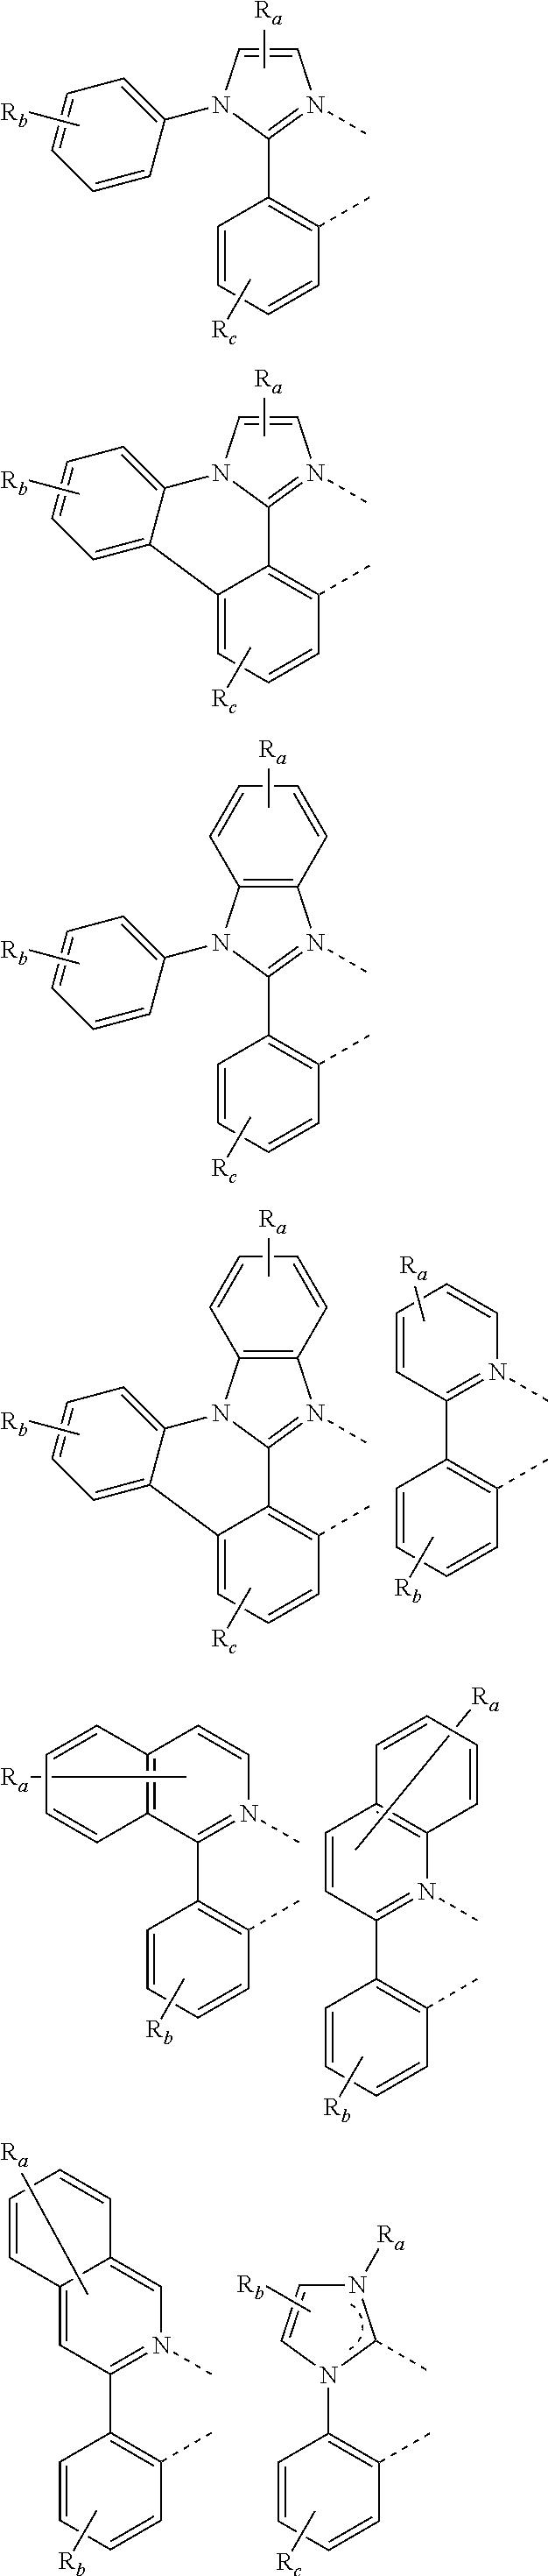 Figure US08580399-20131112-C00028